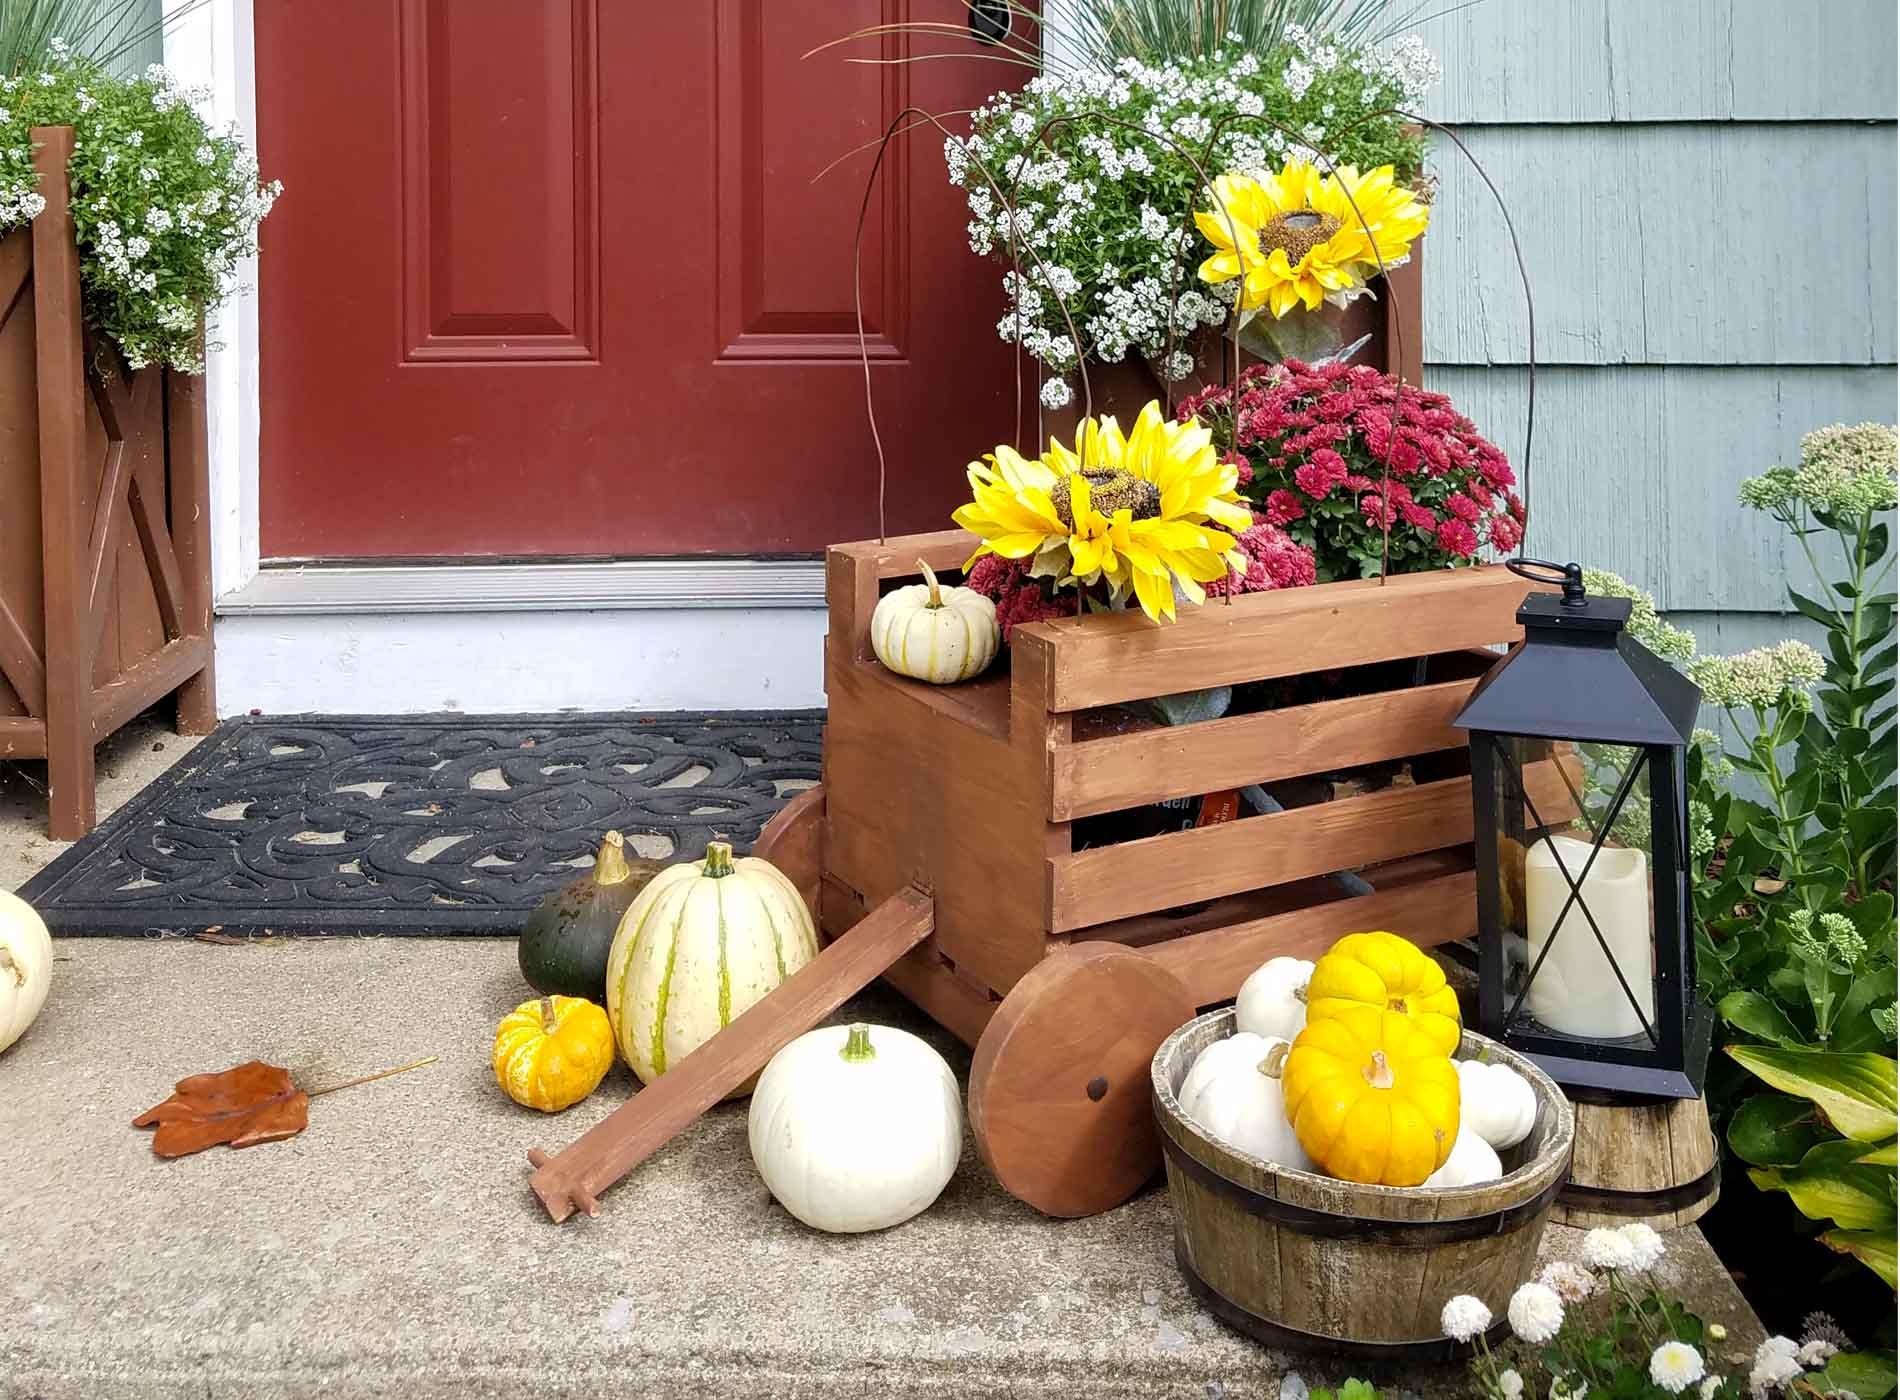 Diy Crate Wagon Planter Display Fun Prodigal Pieces